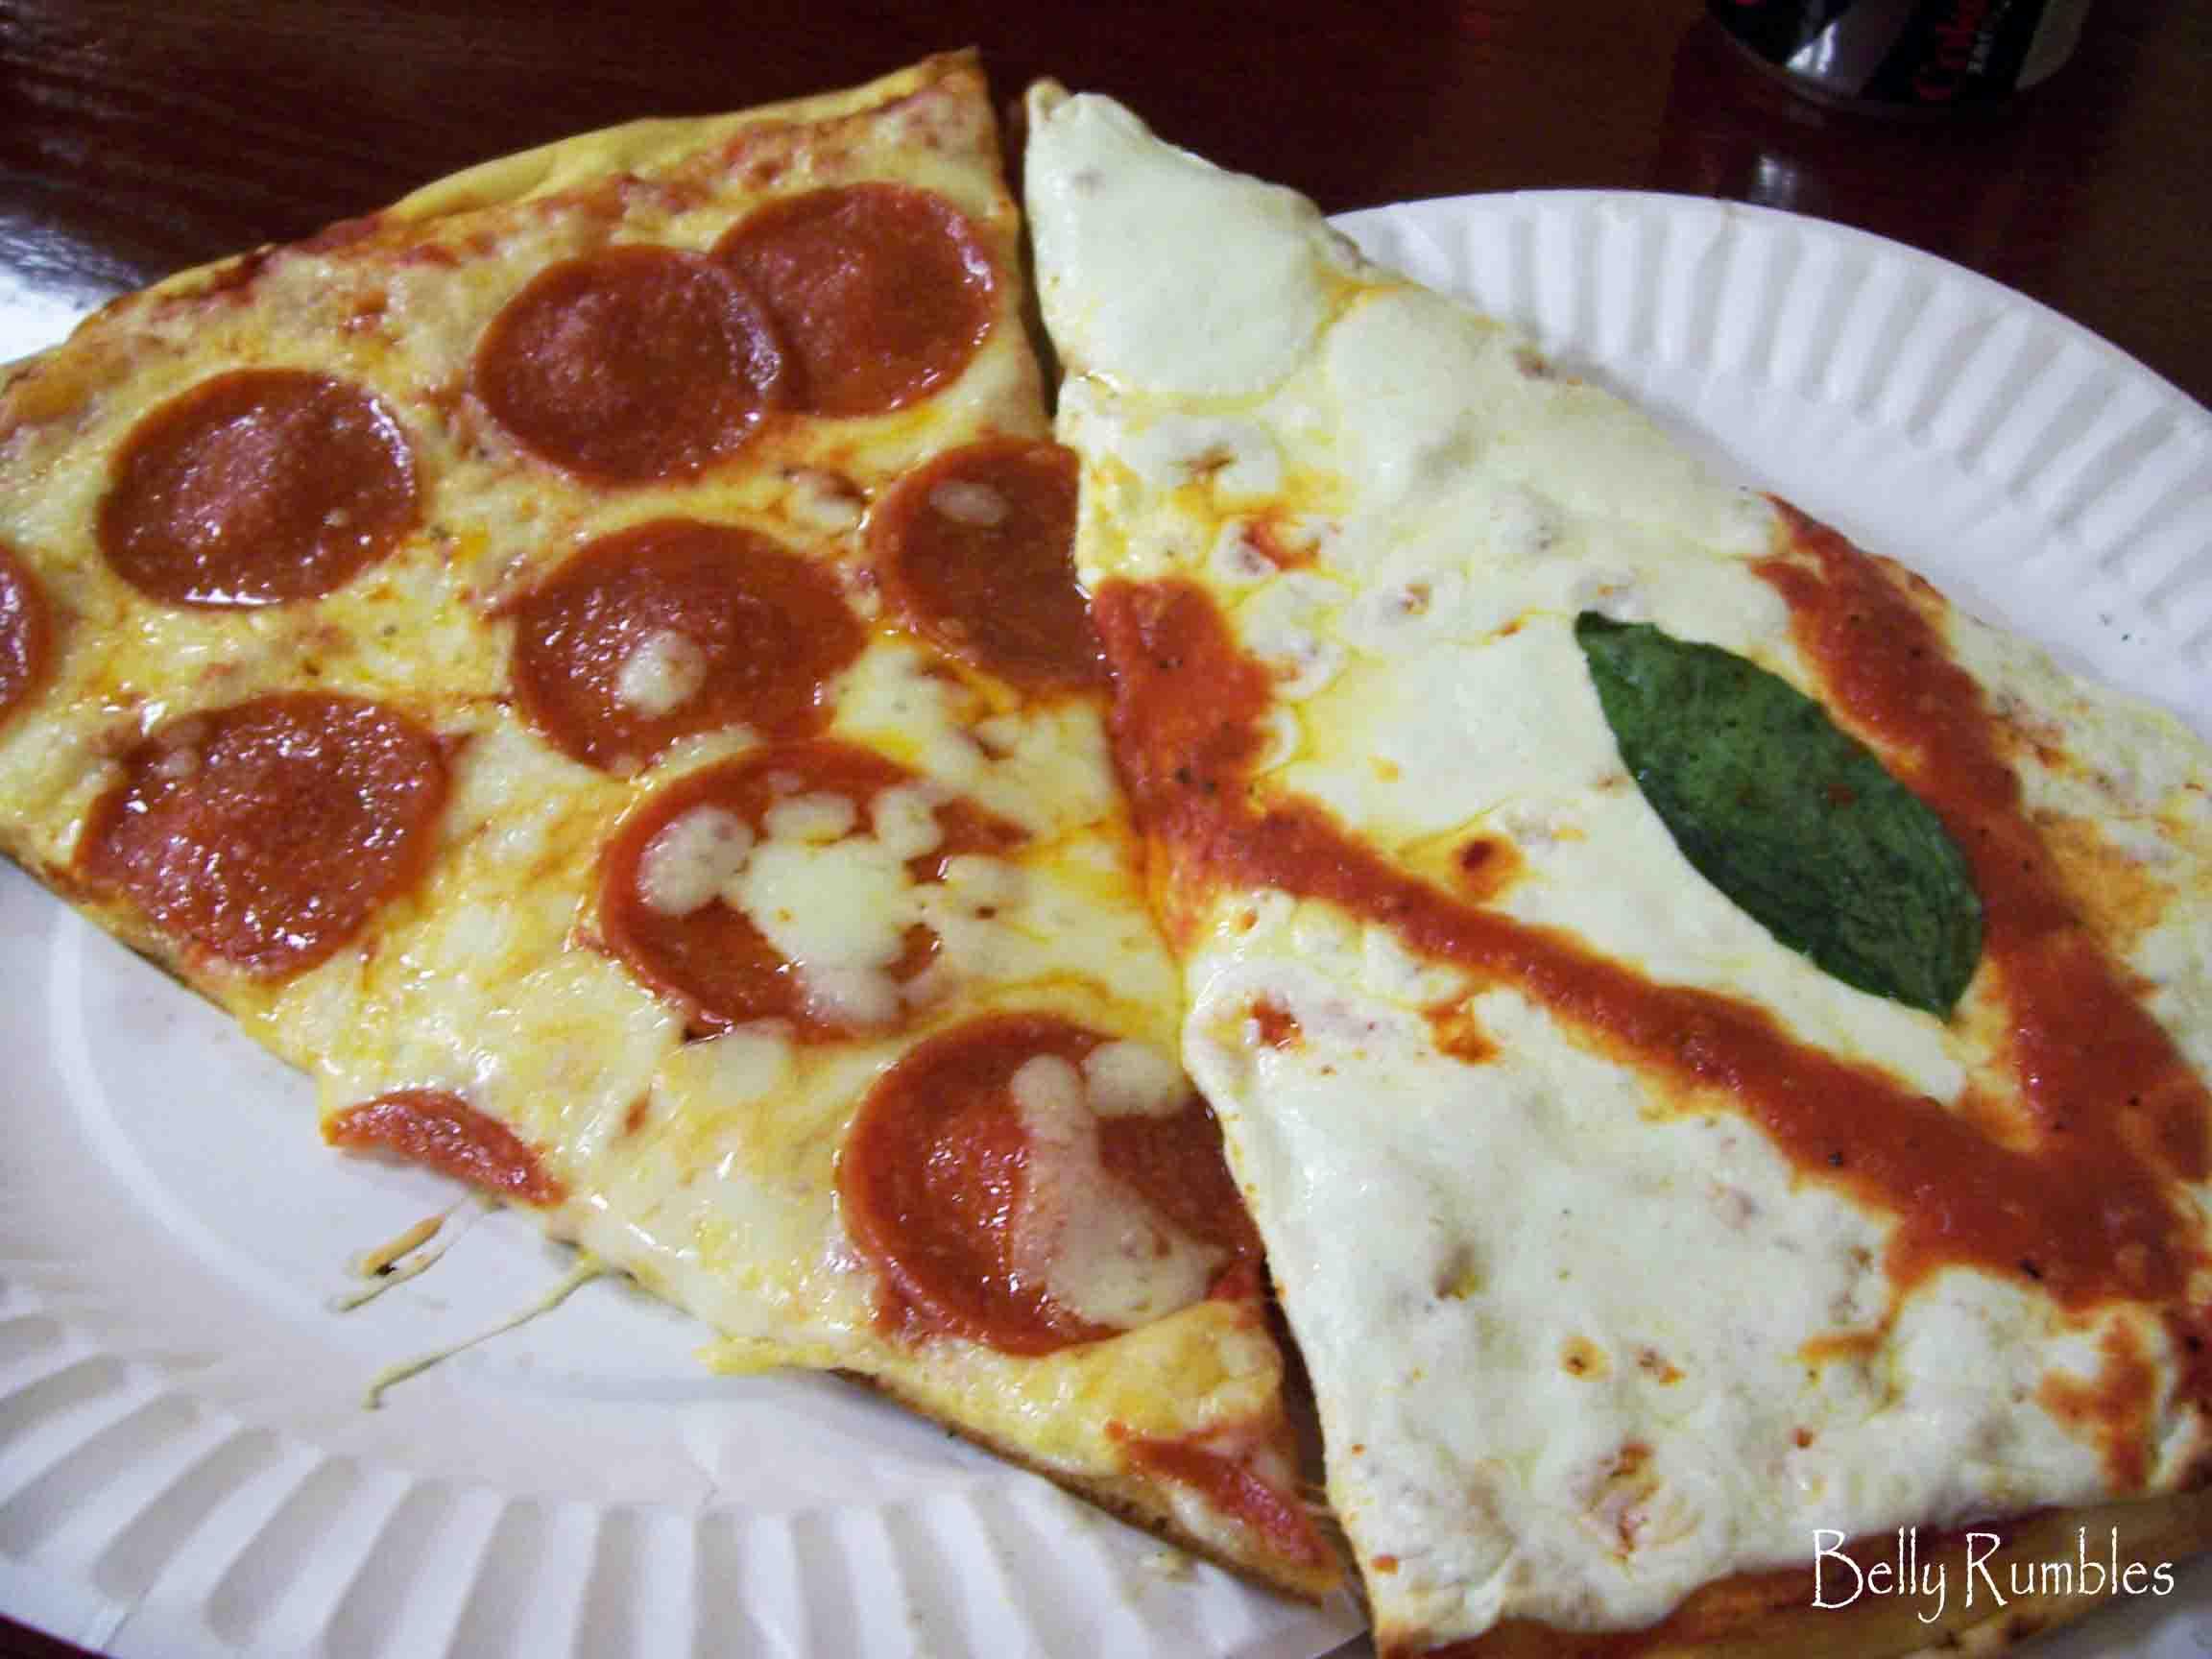 Rustic Pizzeria